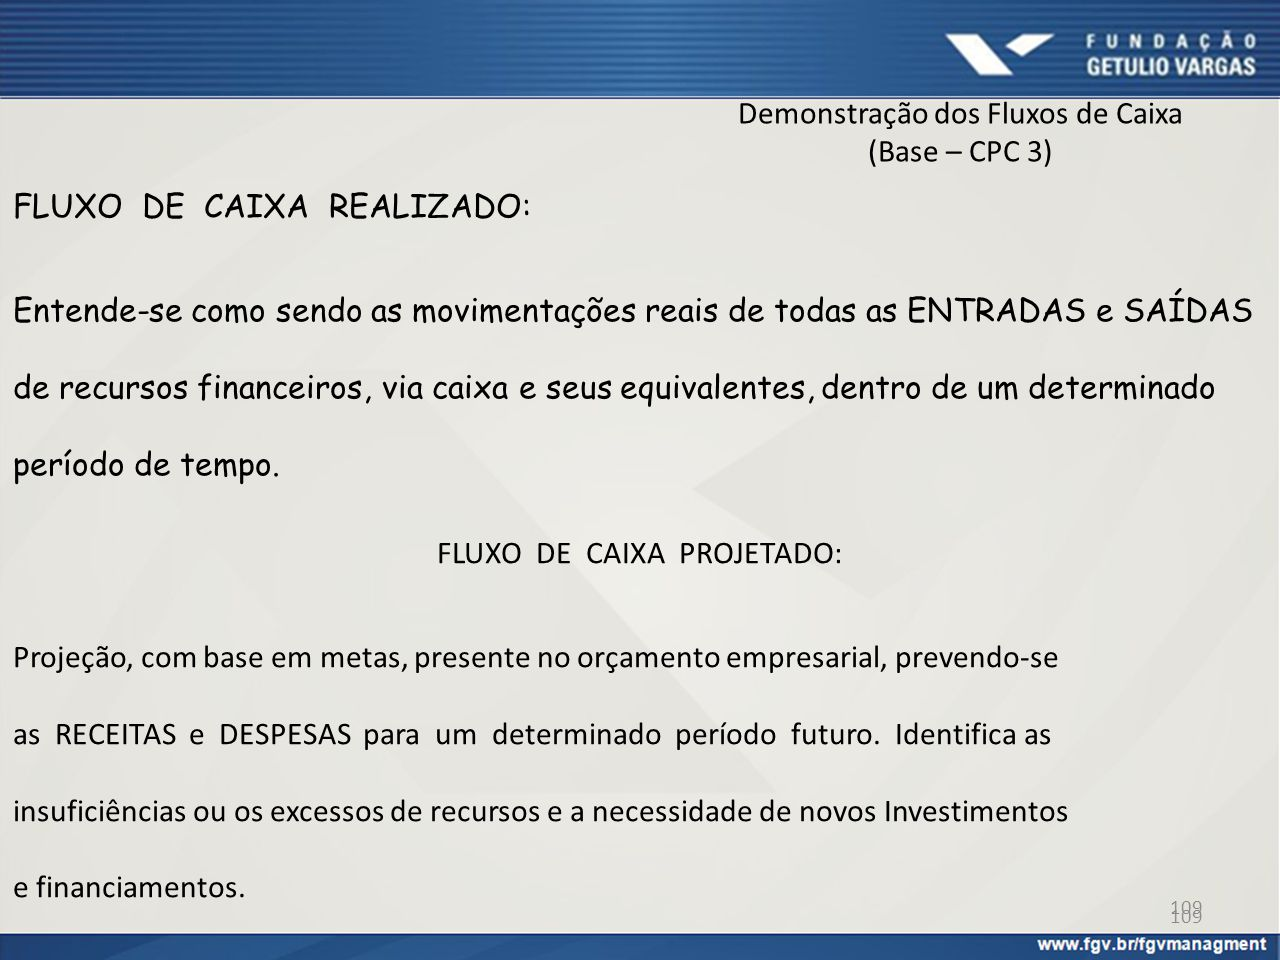 Demonstração dos Fluxos de Caixa (Base – CPC 3)